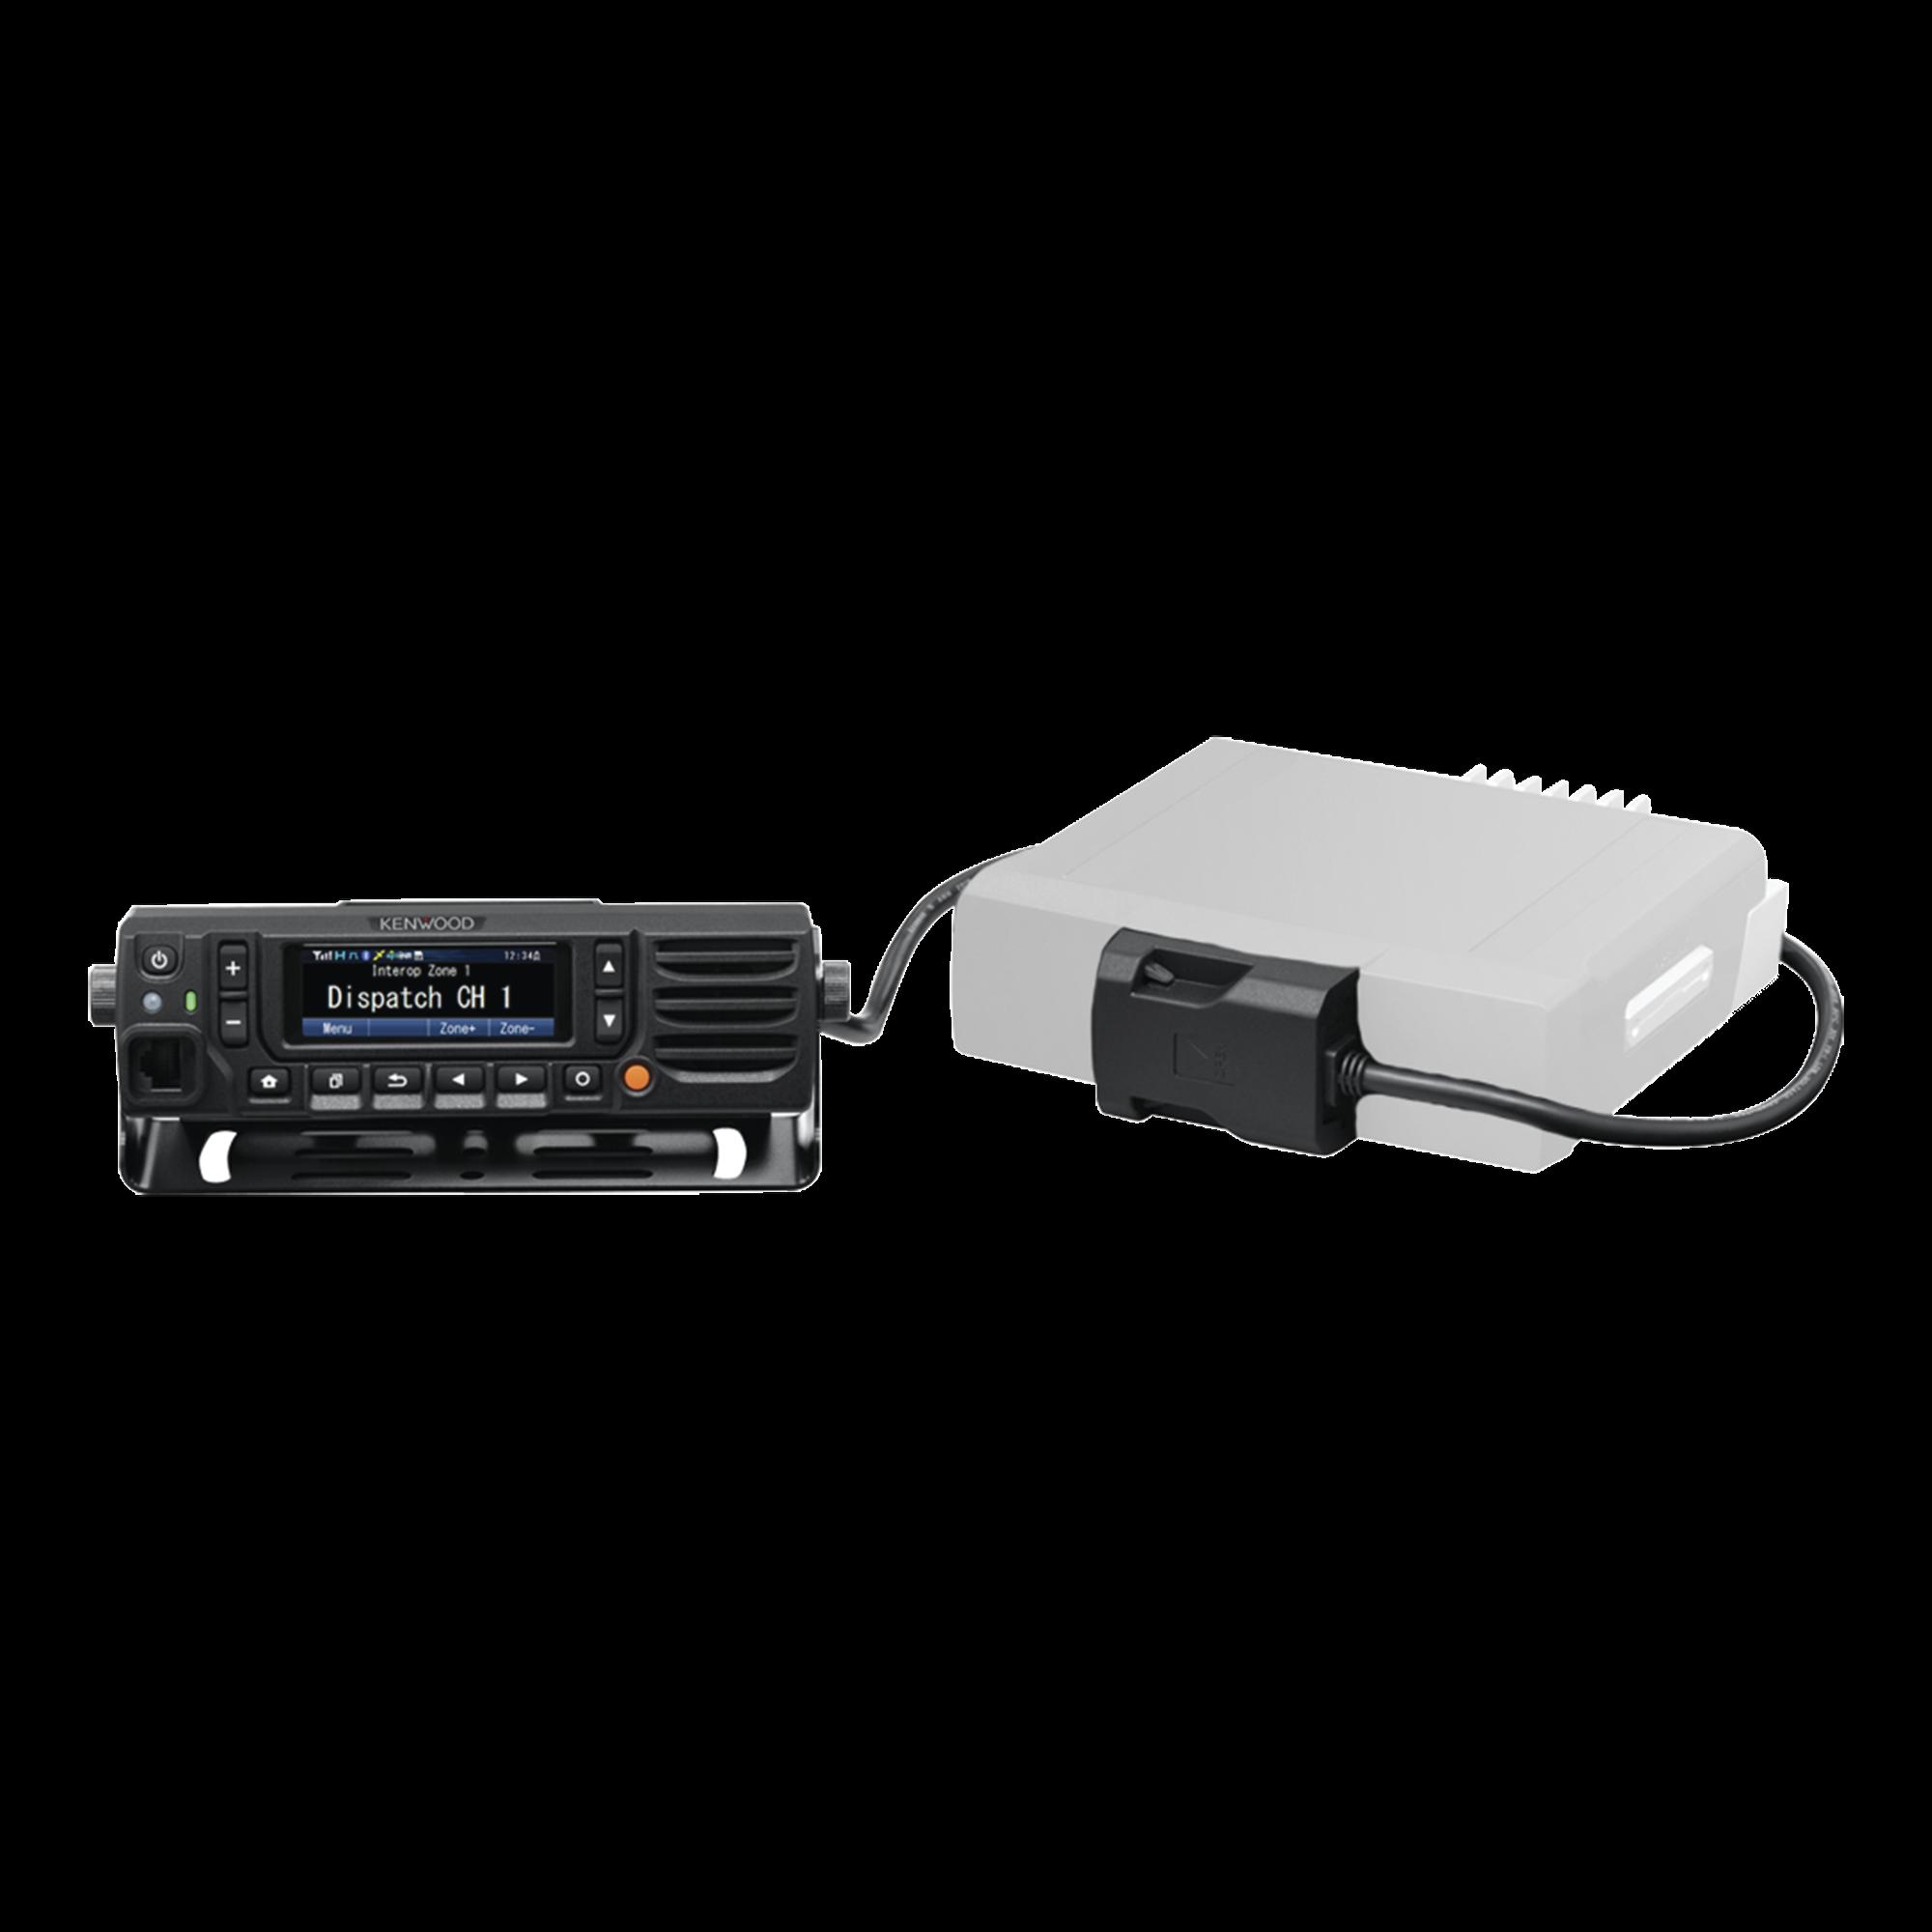 Kit de Cabezal Remoto con Accesorios y Cable de 5 m para Moviles NX-5000